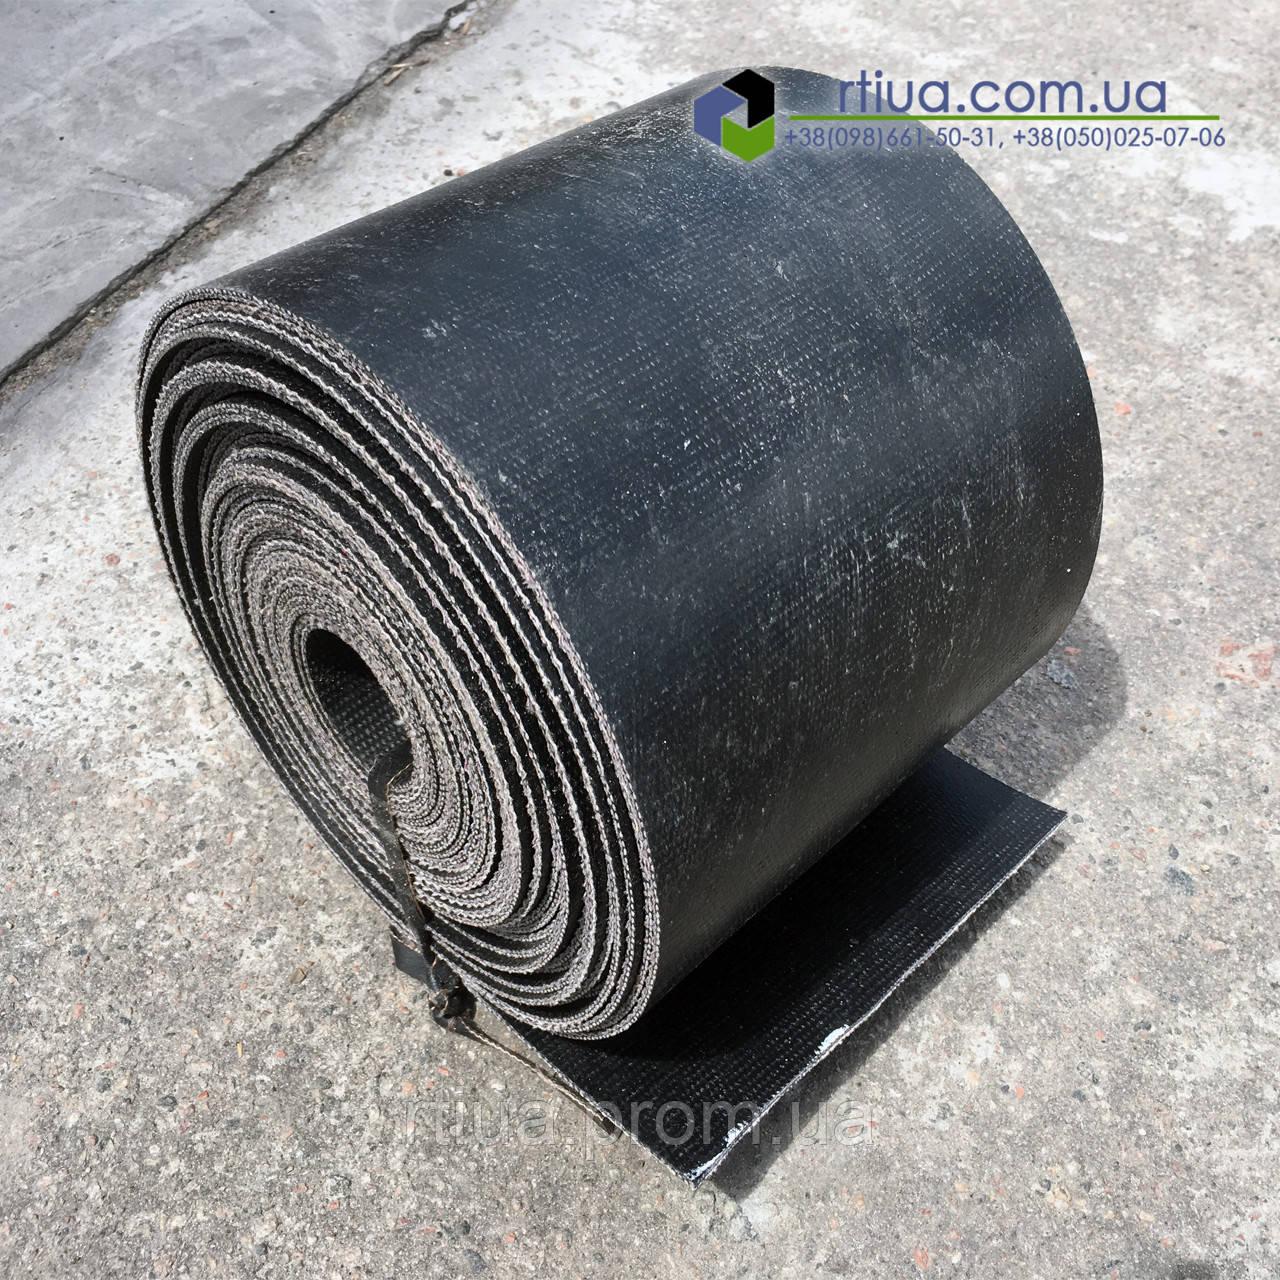 Транспортерная лента БКНЛ, 400х6 мм